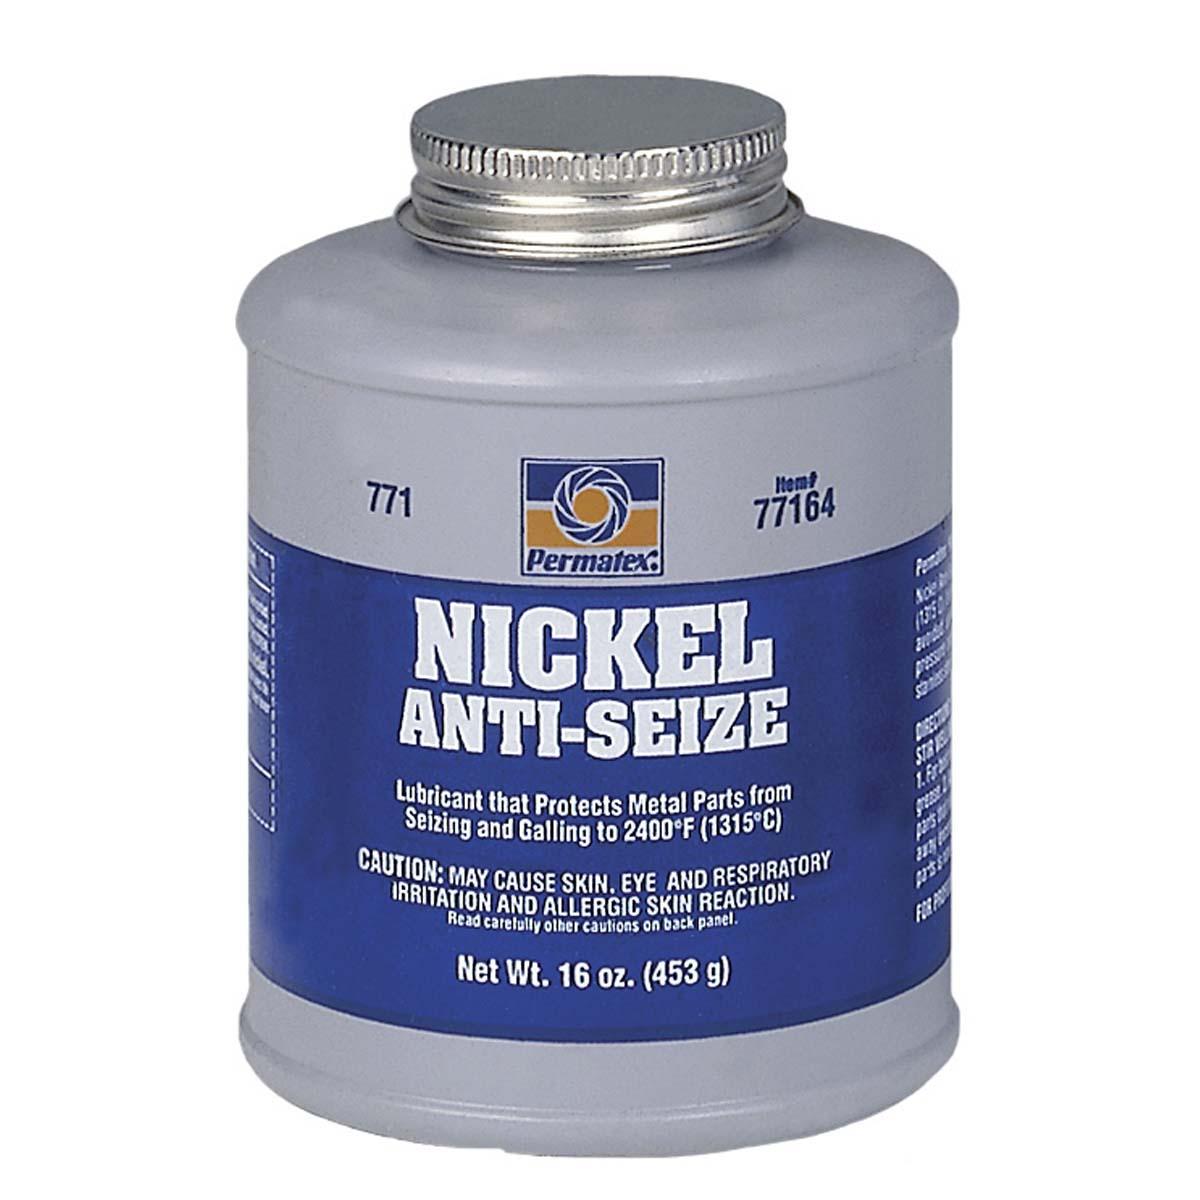 PERMATEX® #771 Nickel Anti-Seize (Maximum Temperature)  - 1 lb. brush top bottle  1 Each